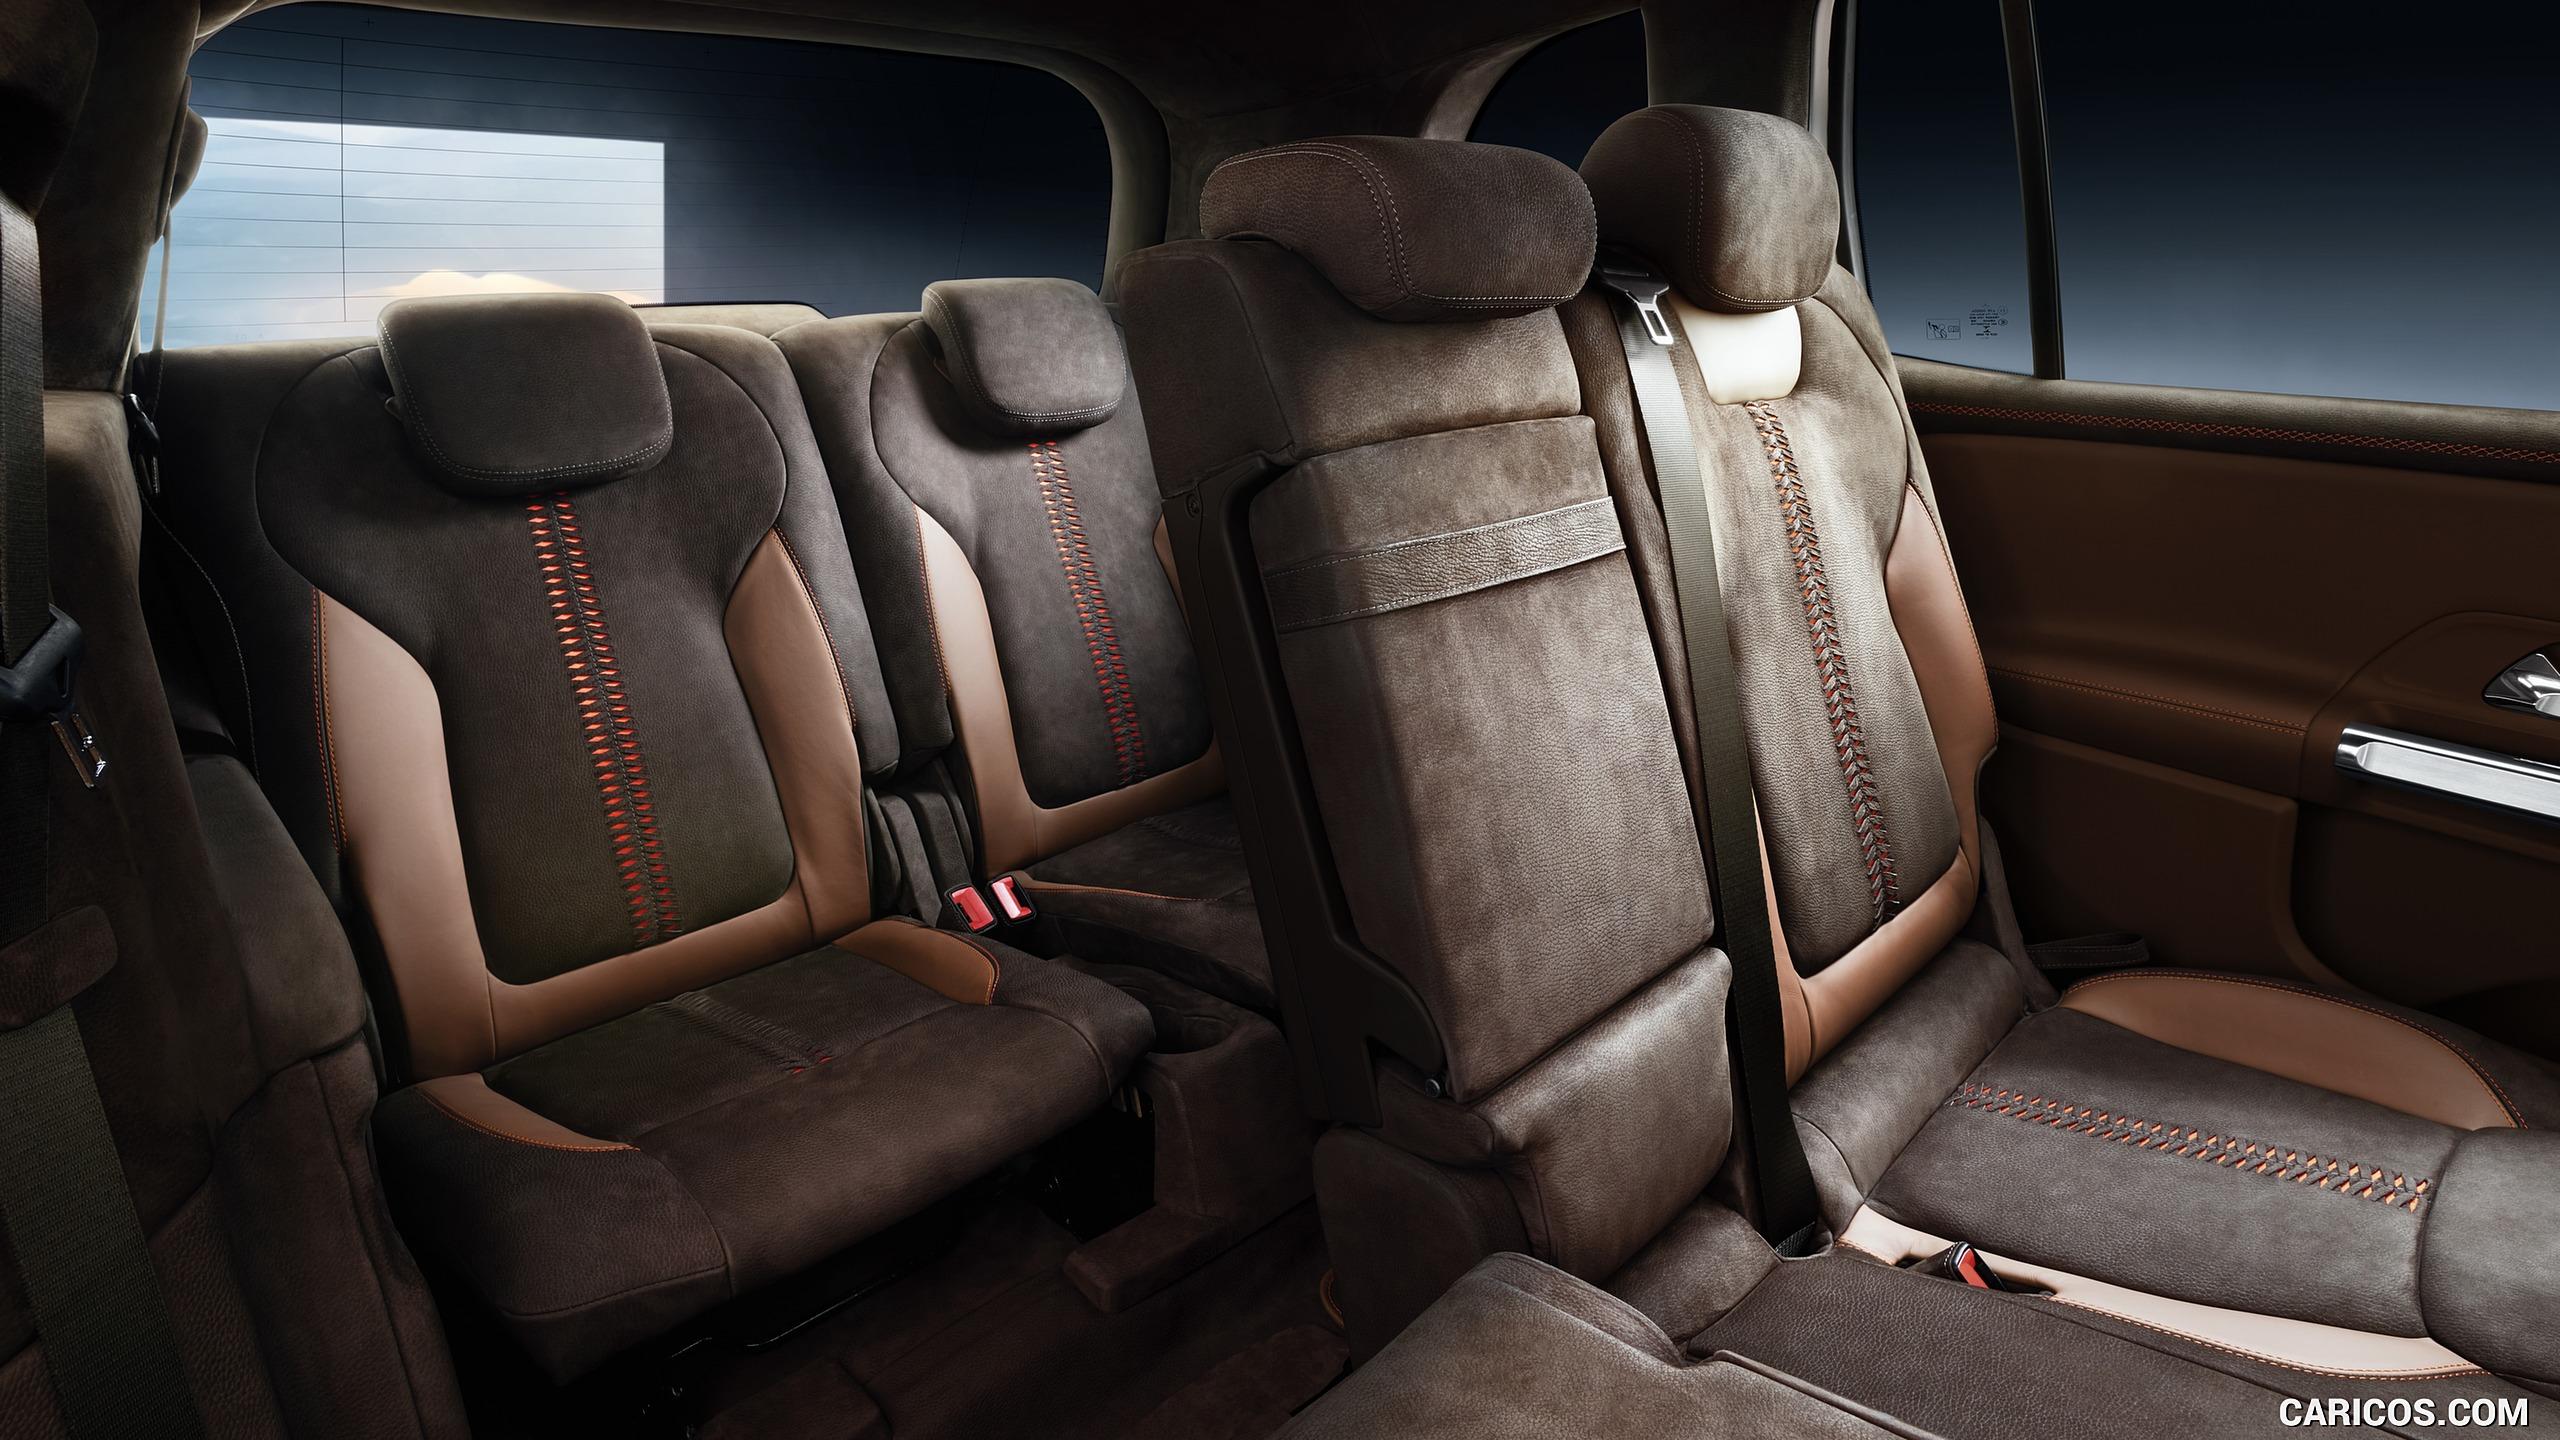 2019 Mercedes Benz GLB Concept   Interior Third Row Seats HD 2560x1440